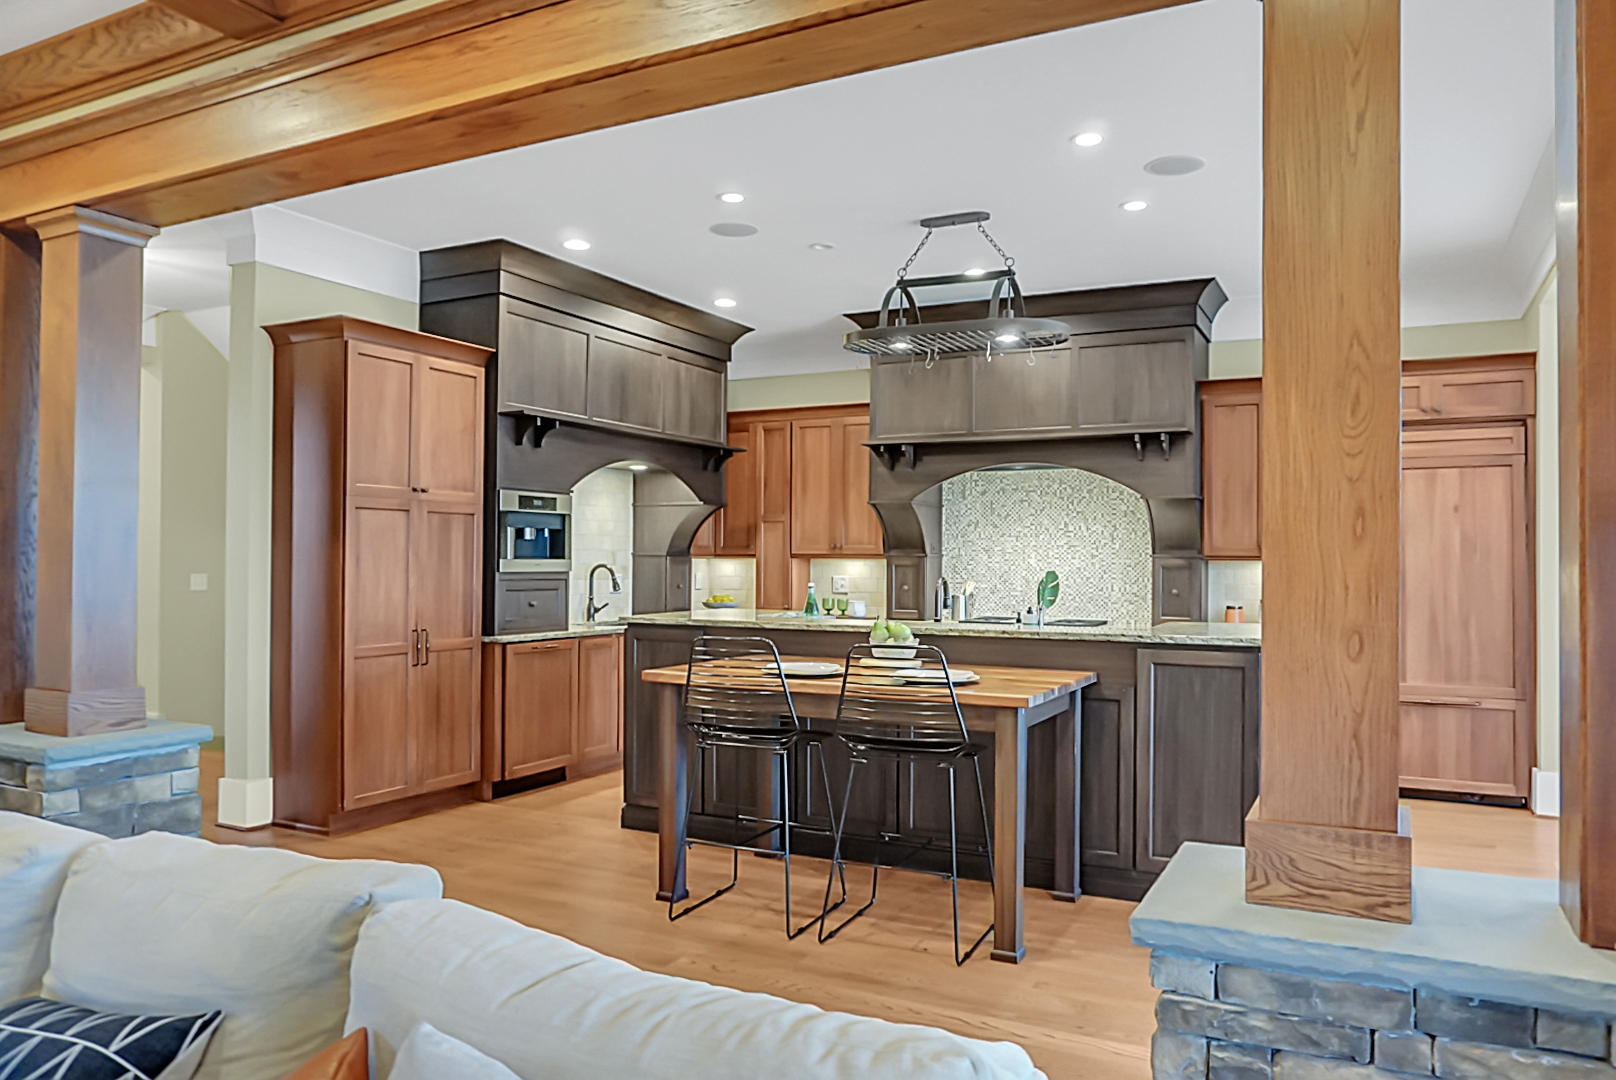 Dunes West Homes For Sale - 2978 River Vista, Mount Pleasant, SC - 79